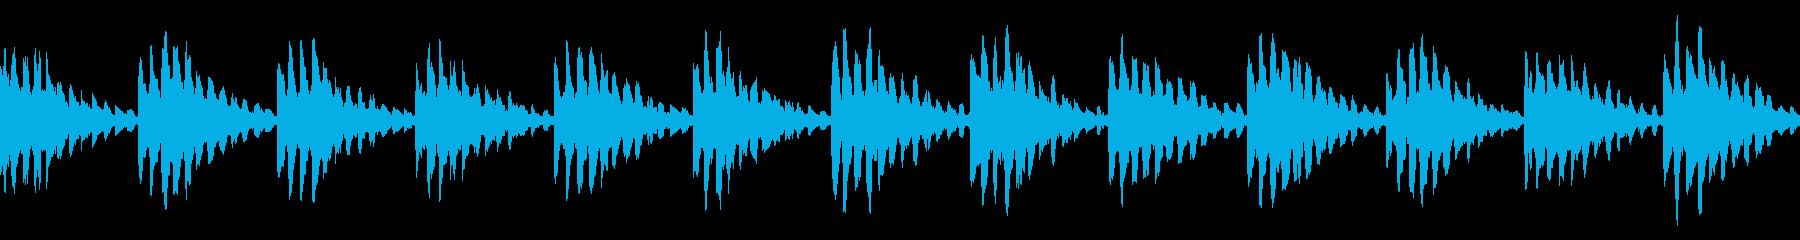 シンキングタイム シンセ 保留音 ループの再生済みの波形